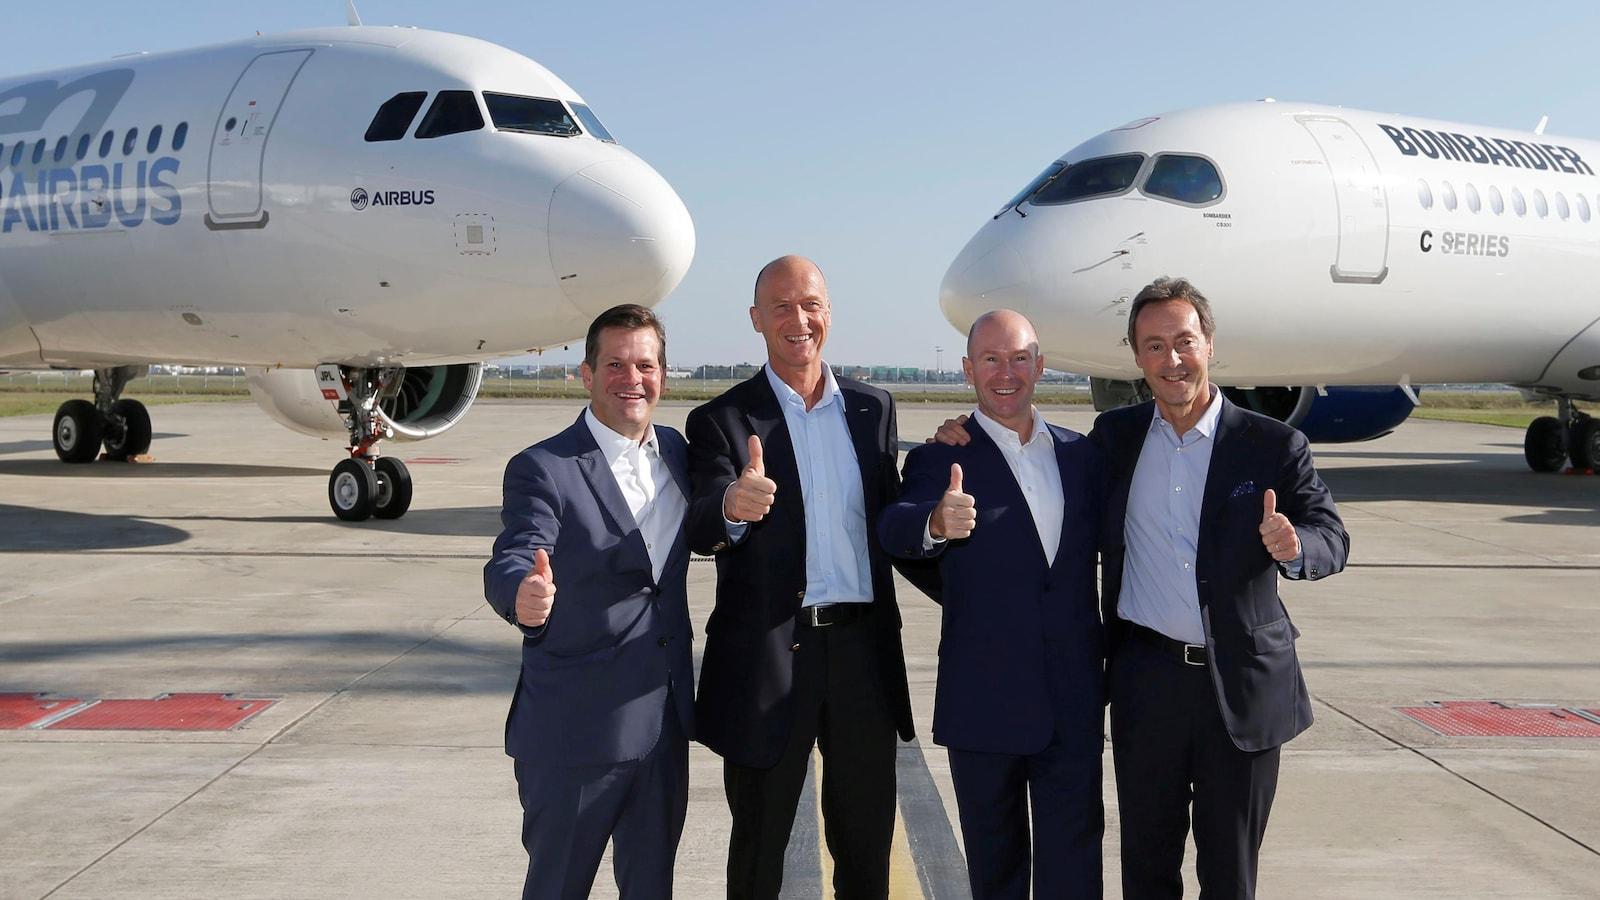 Le président du conseil d'administration de Bombardier, Pierre Beaudoin (gauche), le PDG de Airbus, Thomas Enders, le directeur général de Bombardier, Alain Bellemare, et le directeur exécutif d'Airbus, Fabrice Bregier.